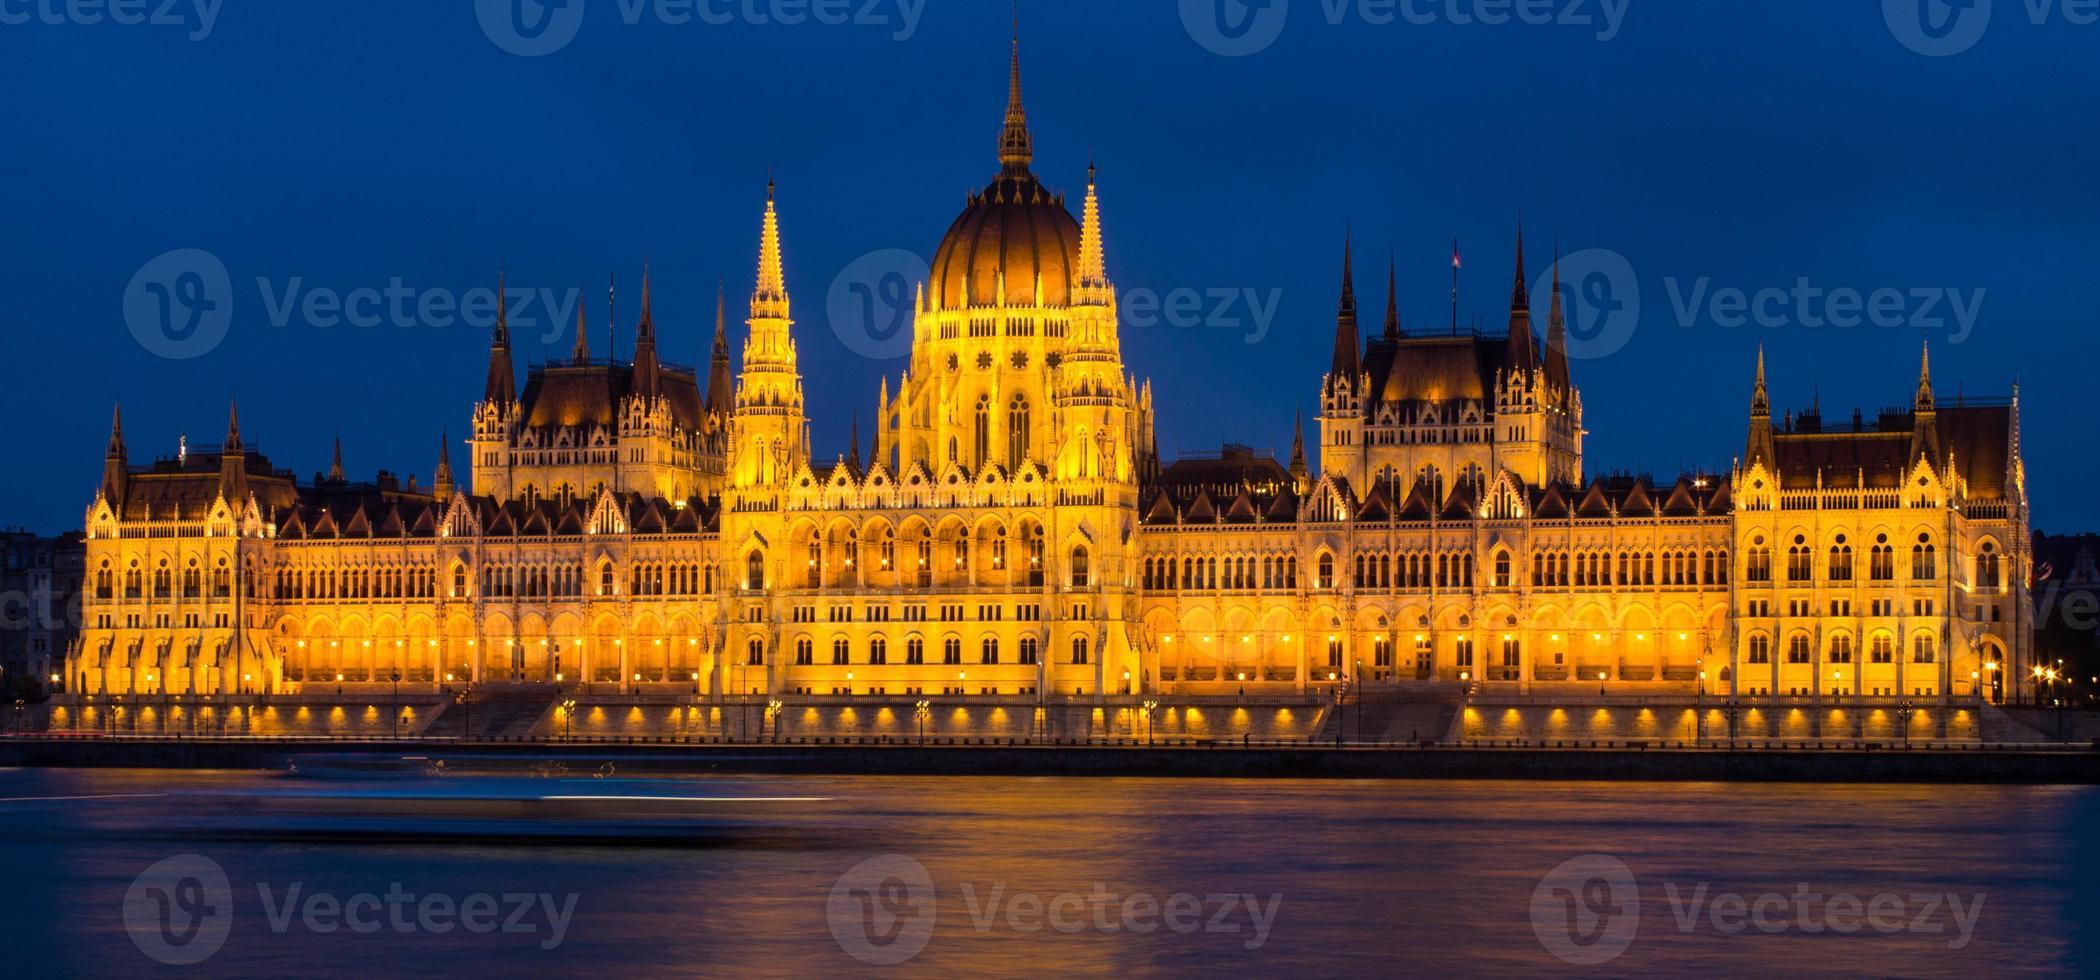 parlementsgebouw foto